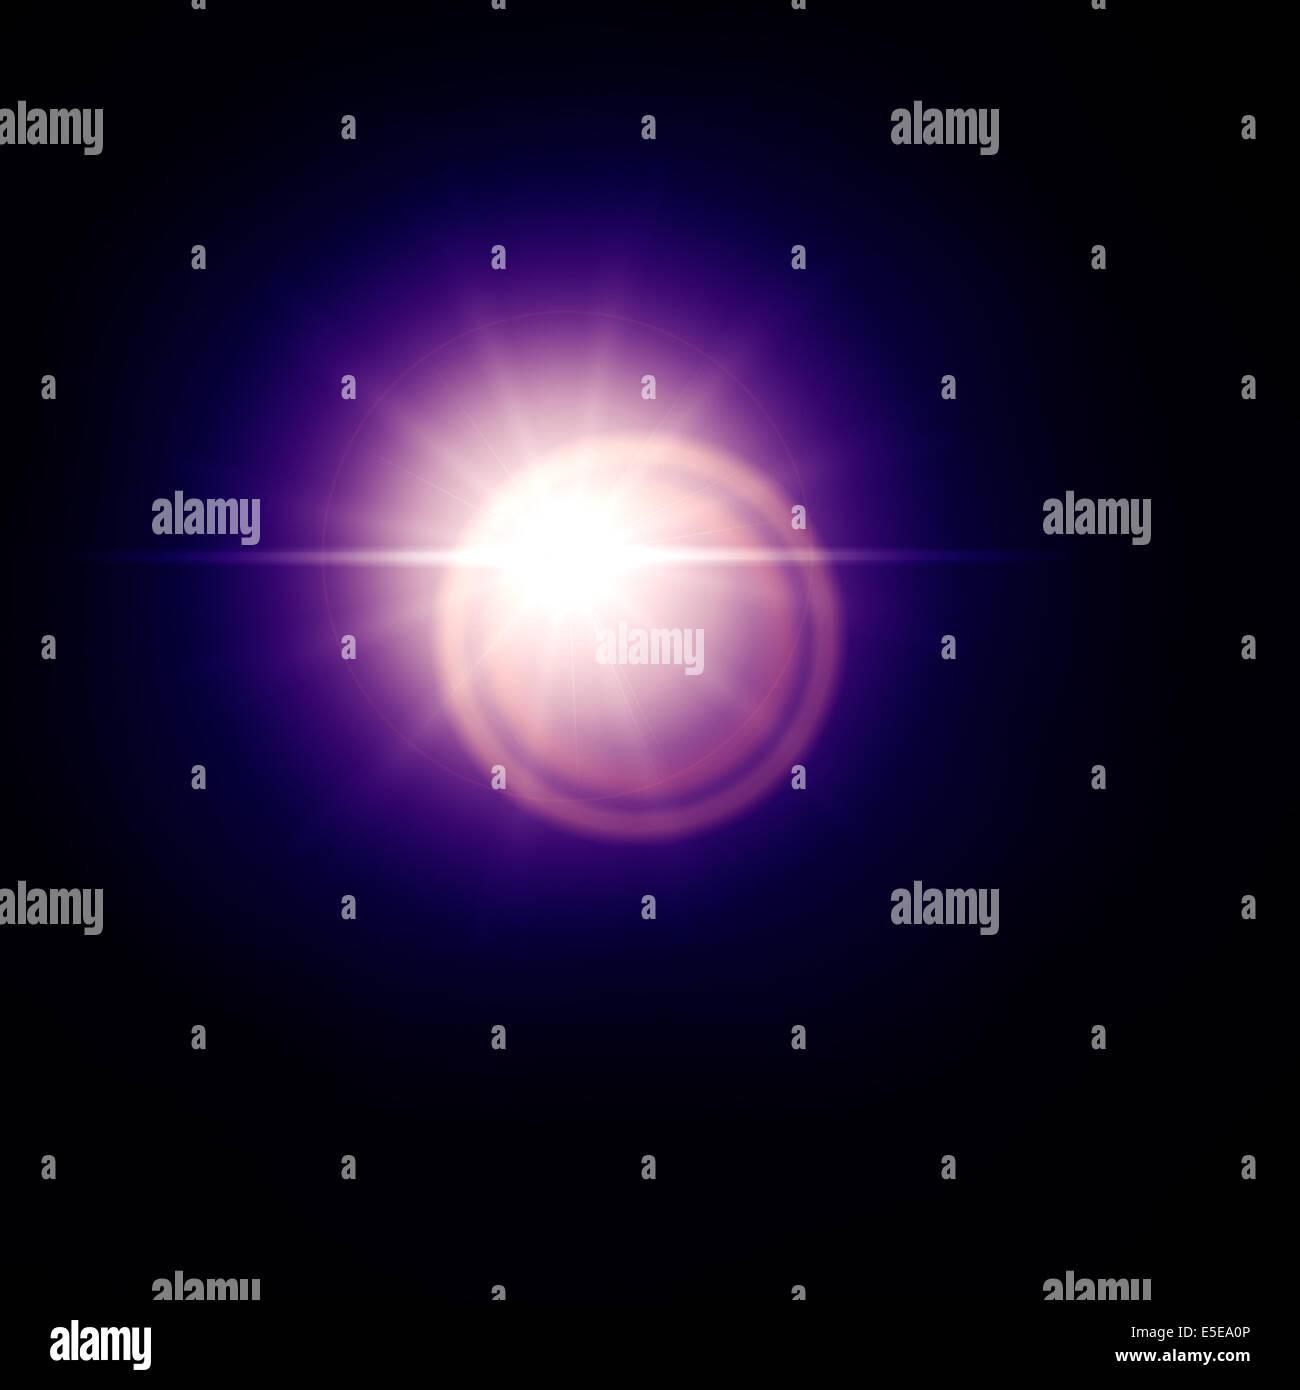 Effet lens flare bleu, soleil flare isolé sur fond noir. Peut être ajouté aux photos en superposant Photo Stock